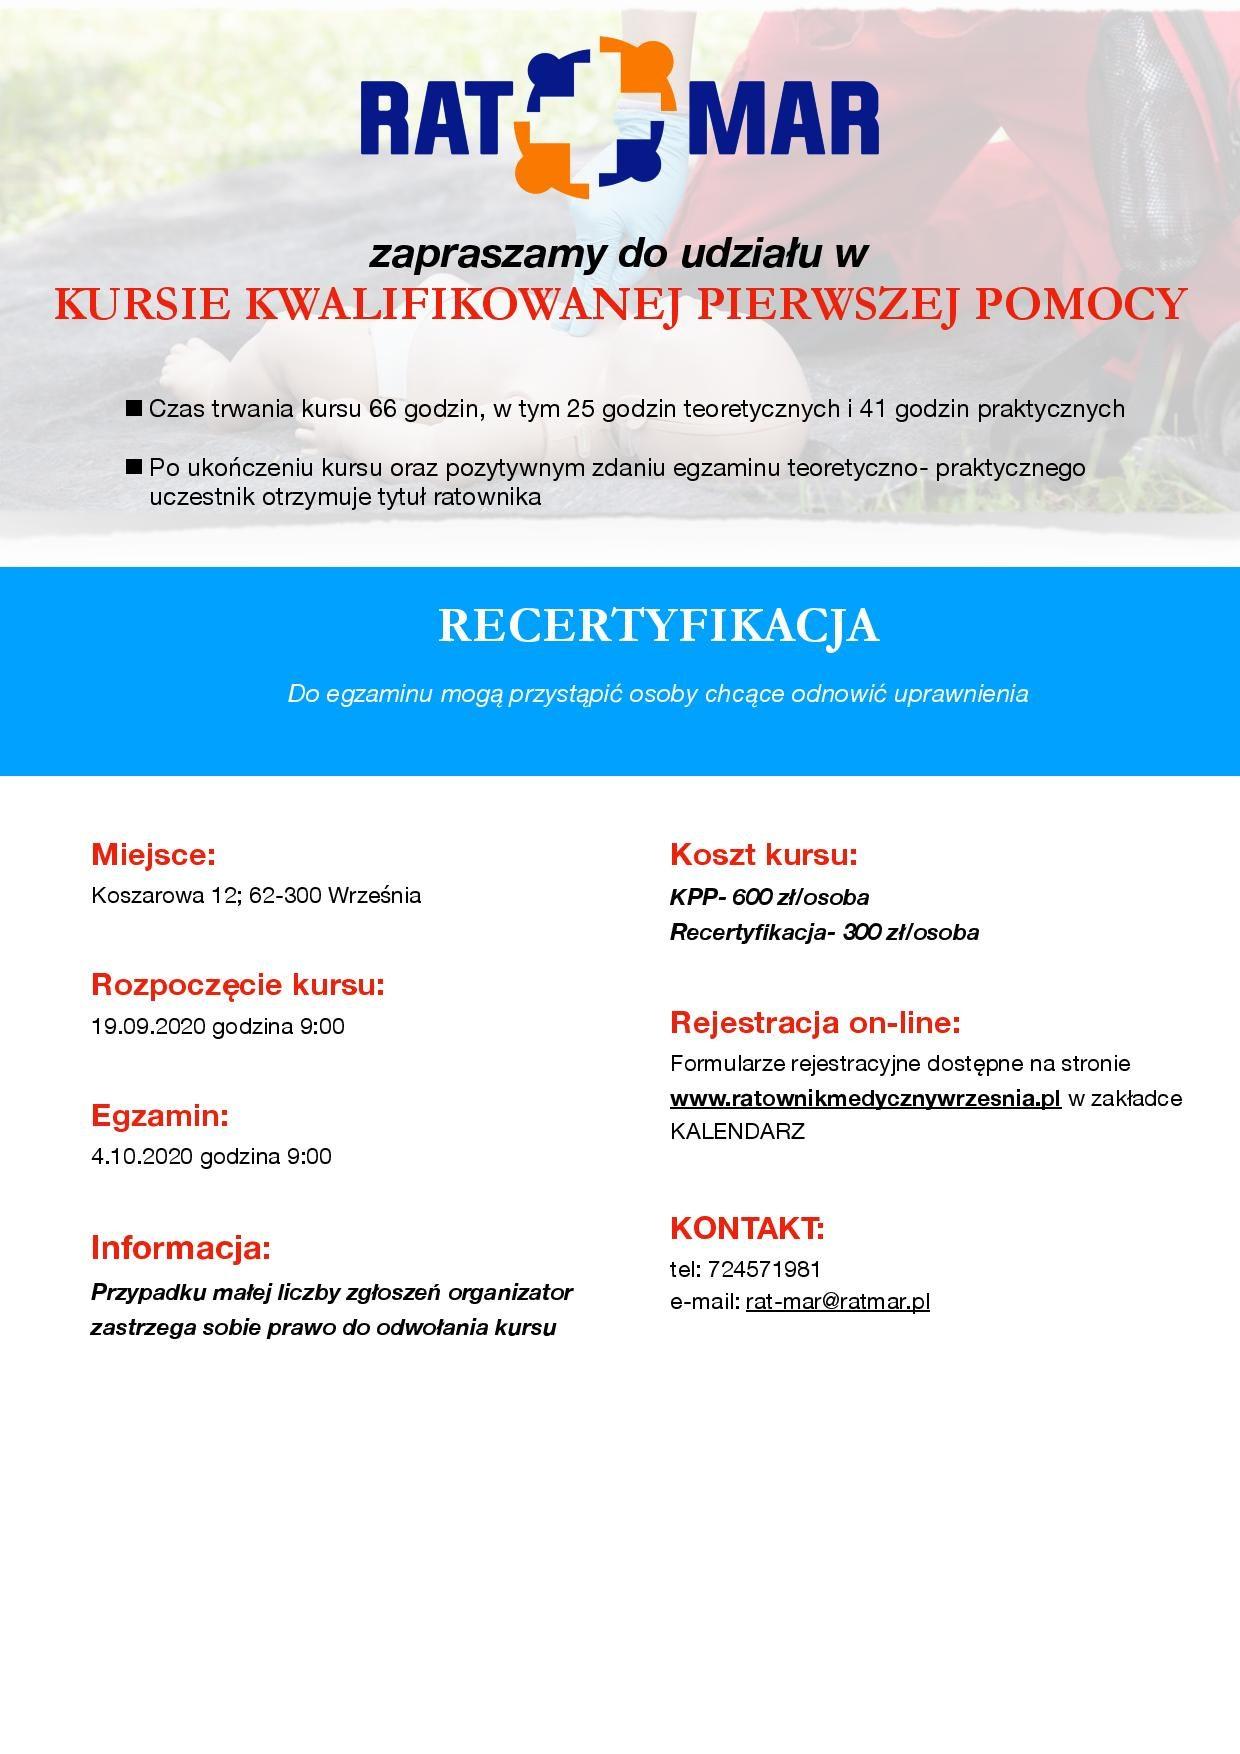 https://ratownikmedycznywrzesnia.pl/wp-content/uploads/2019/09/Plakat-KPP-page-001-1240x1754.jpg